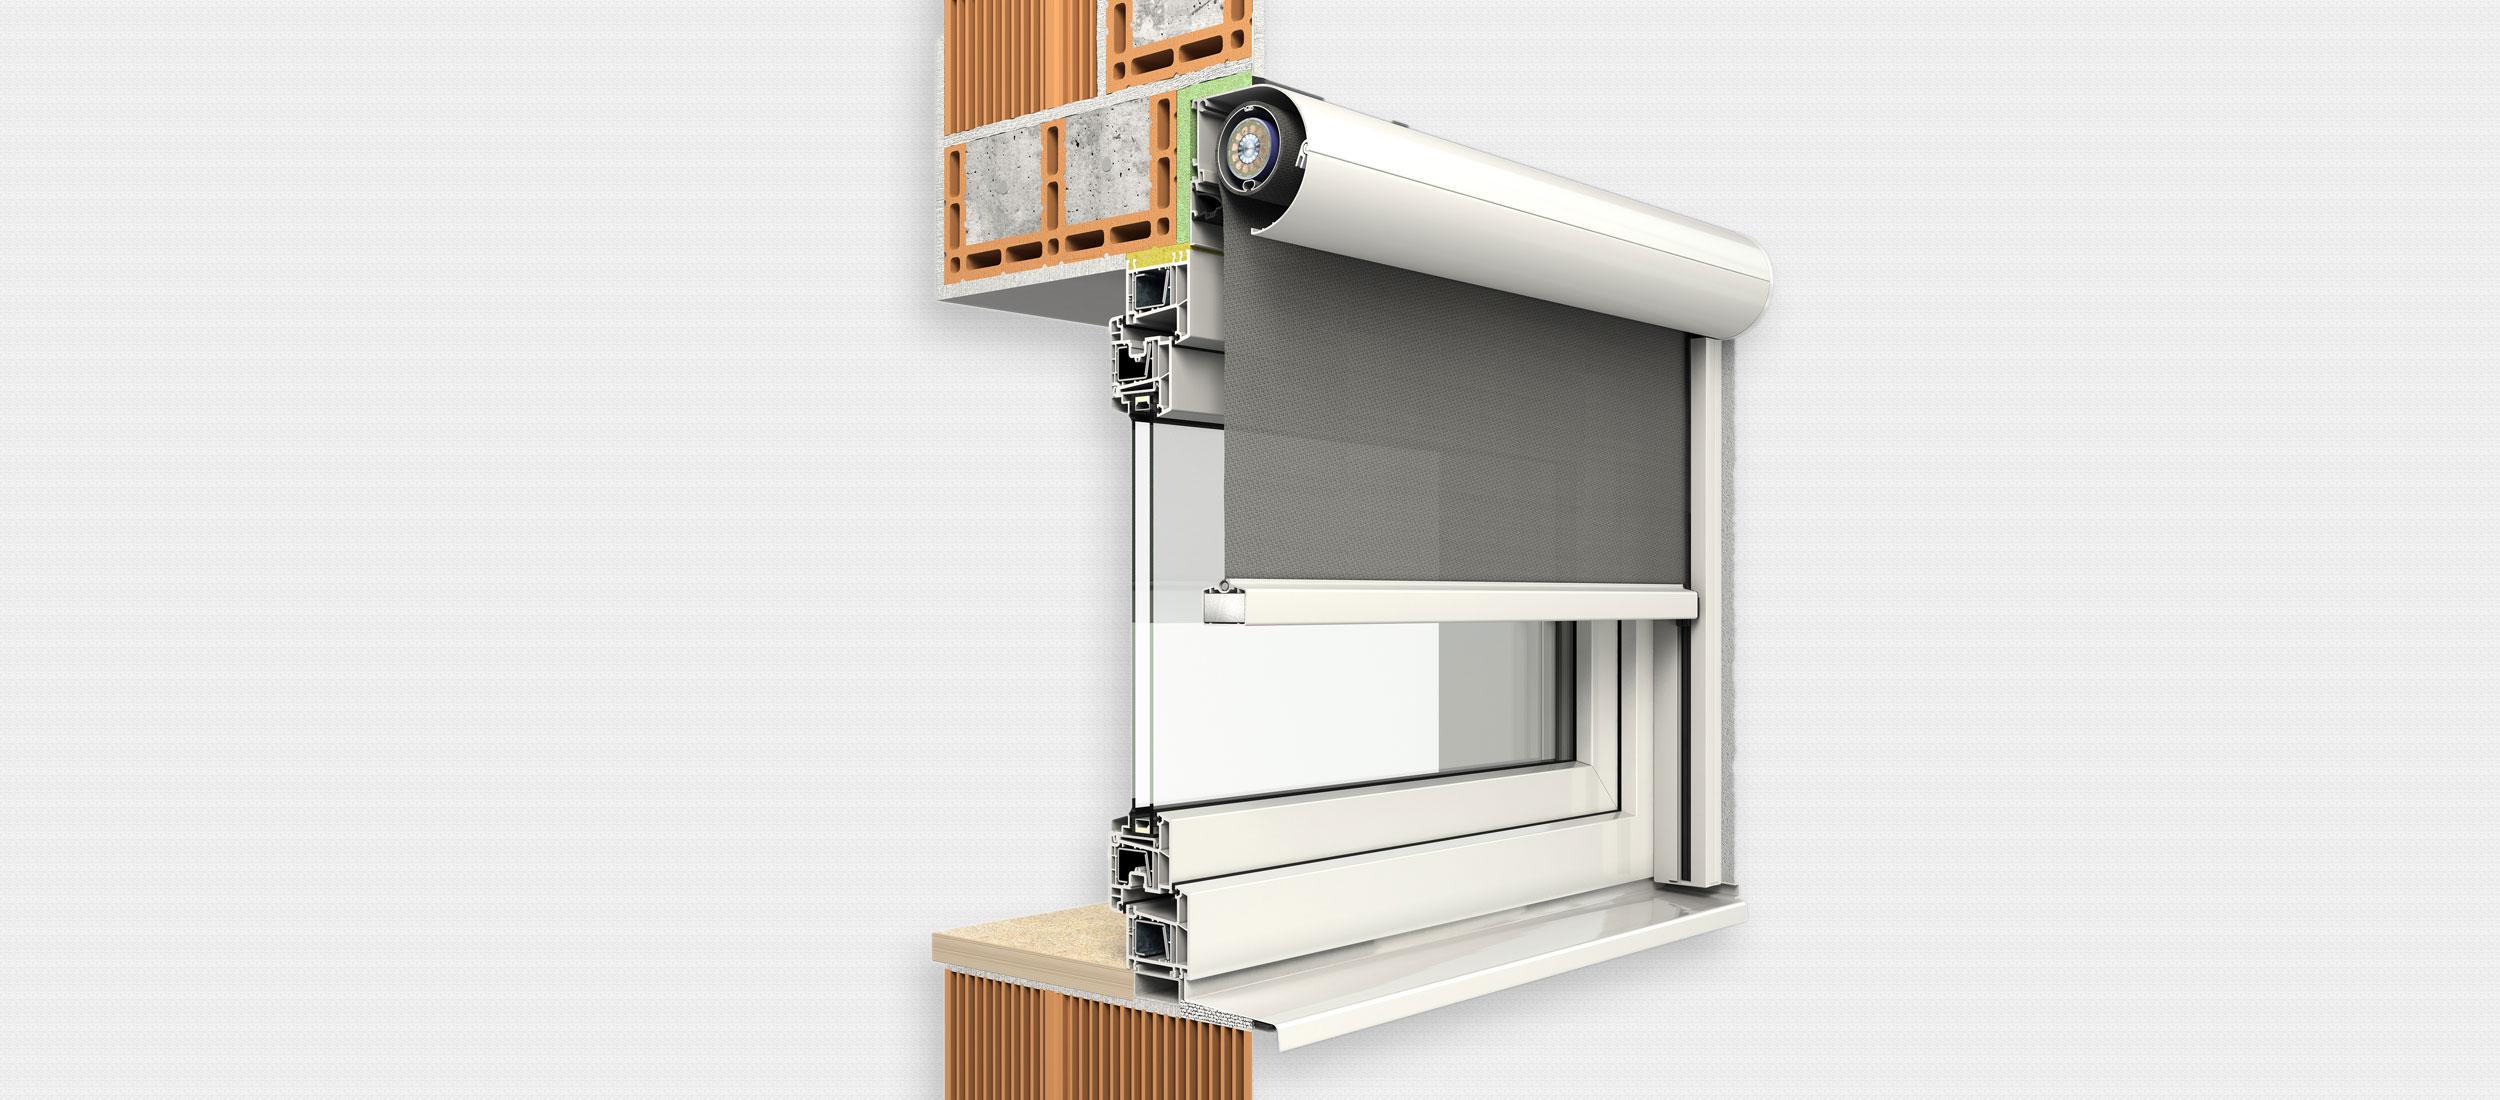 Sichtschutz HeKa Textilscreens